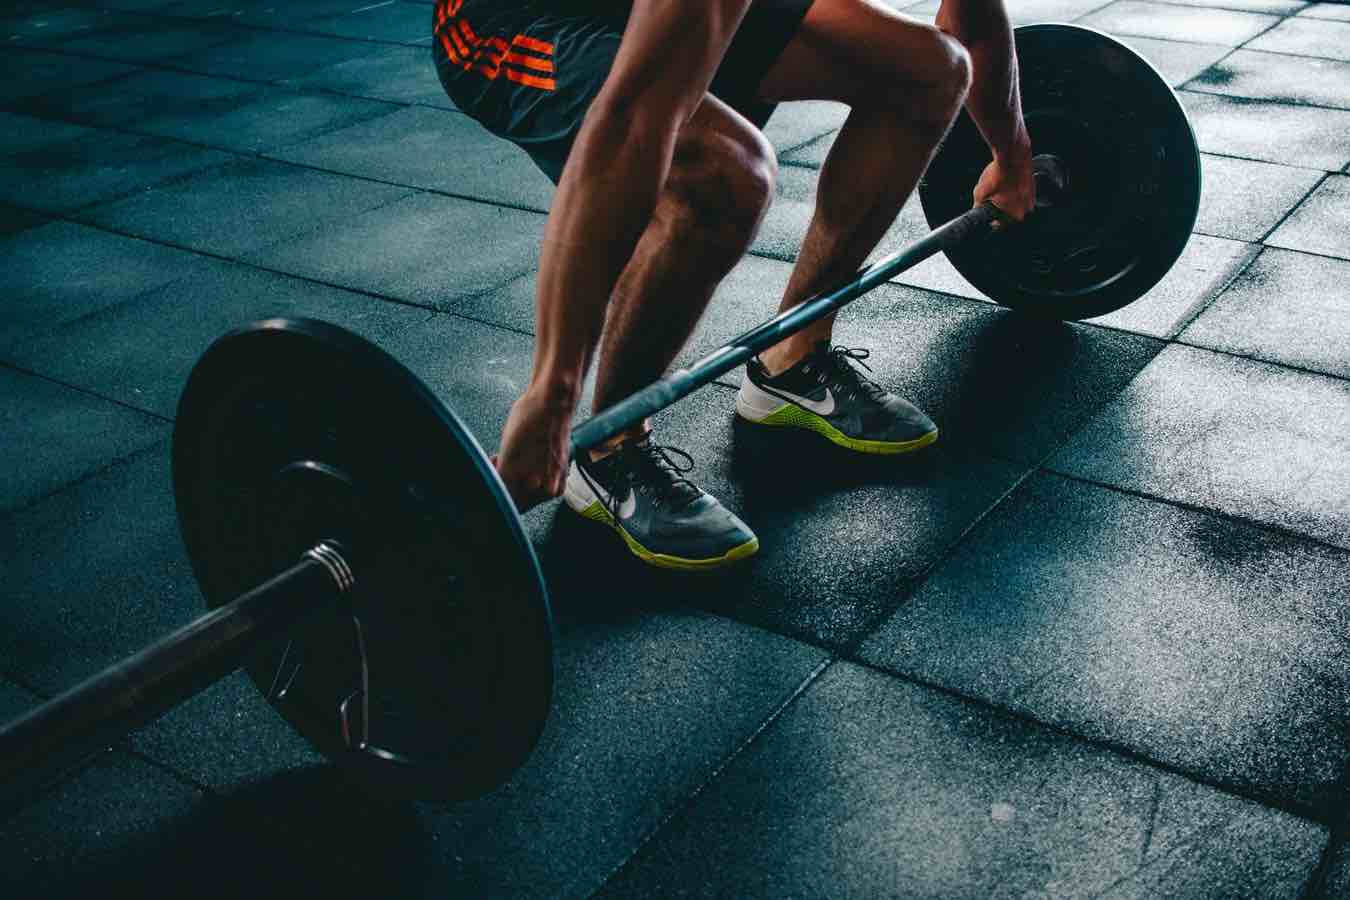 Gym shorts for men